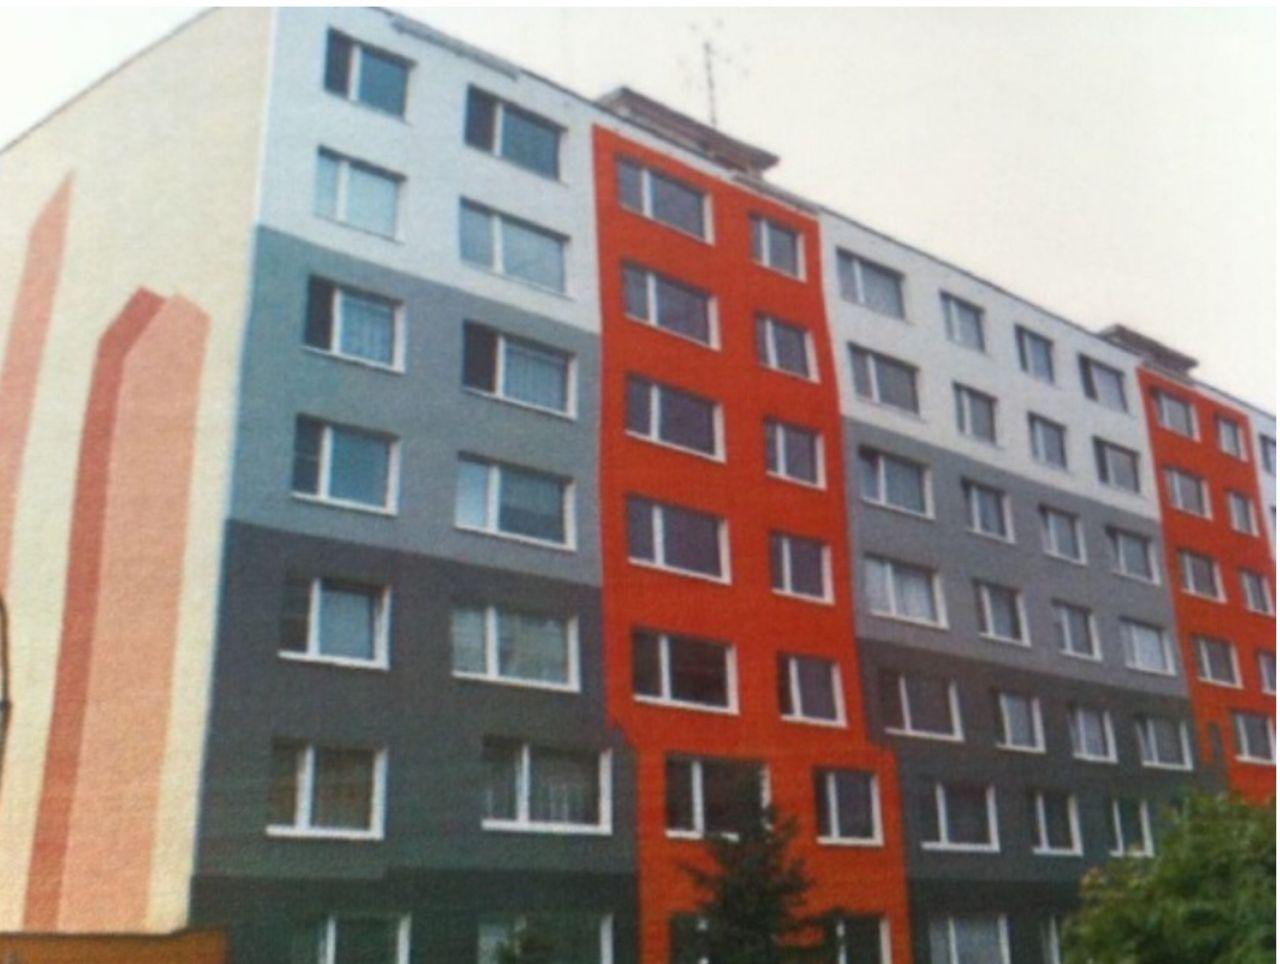 Квартира в Усти-над-Лабем, Чехия, 95.69 м2 - фото 1